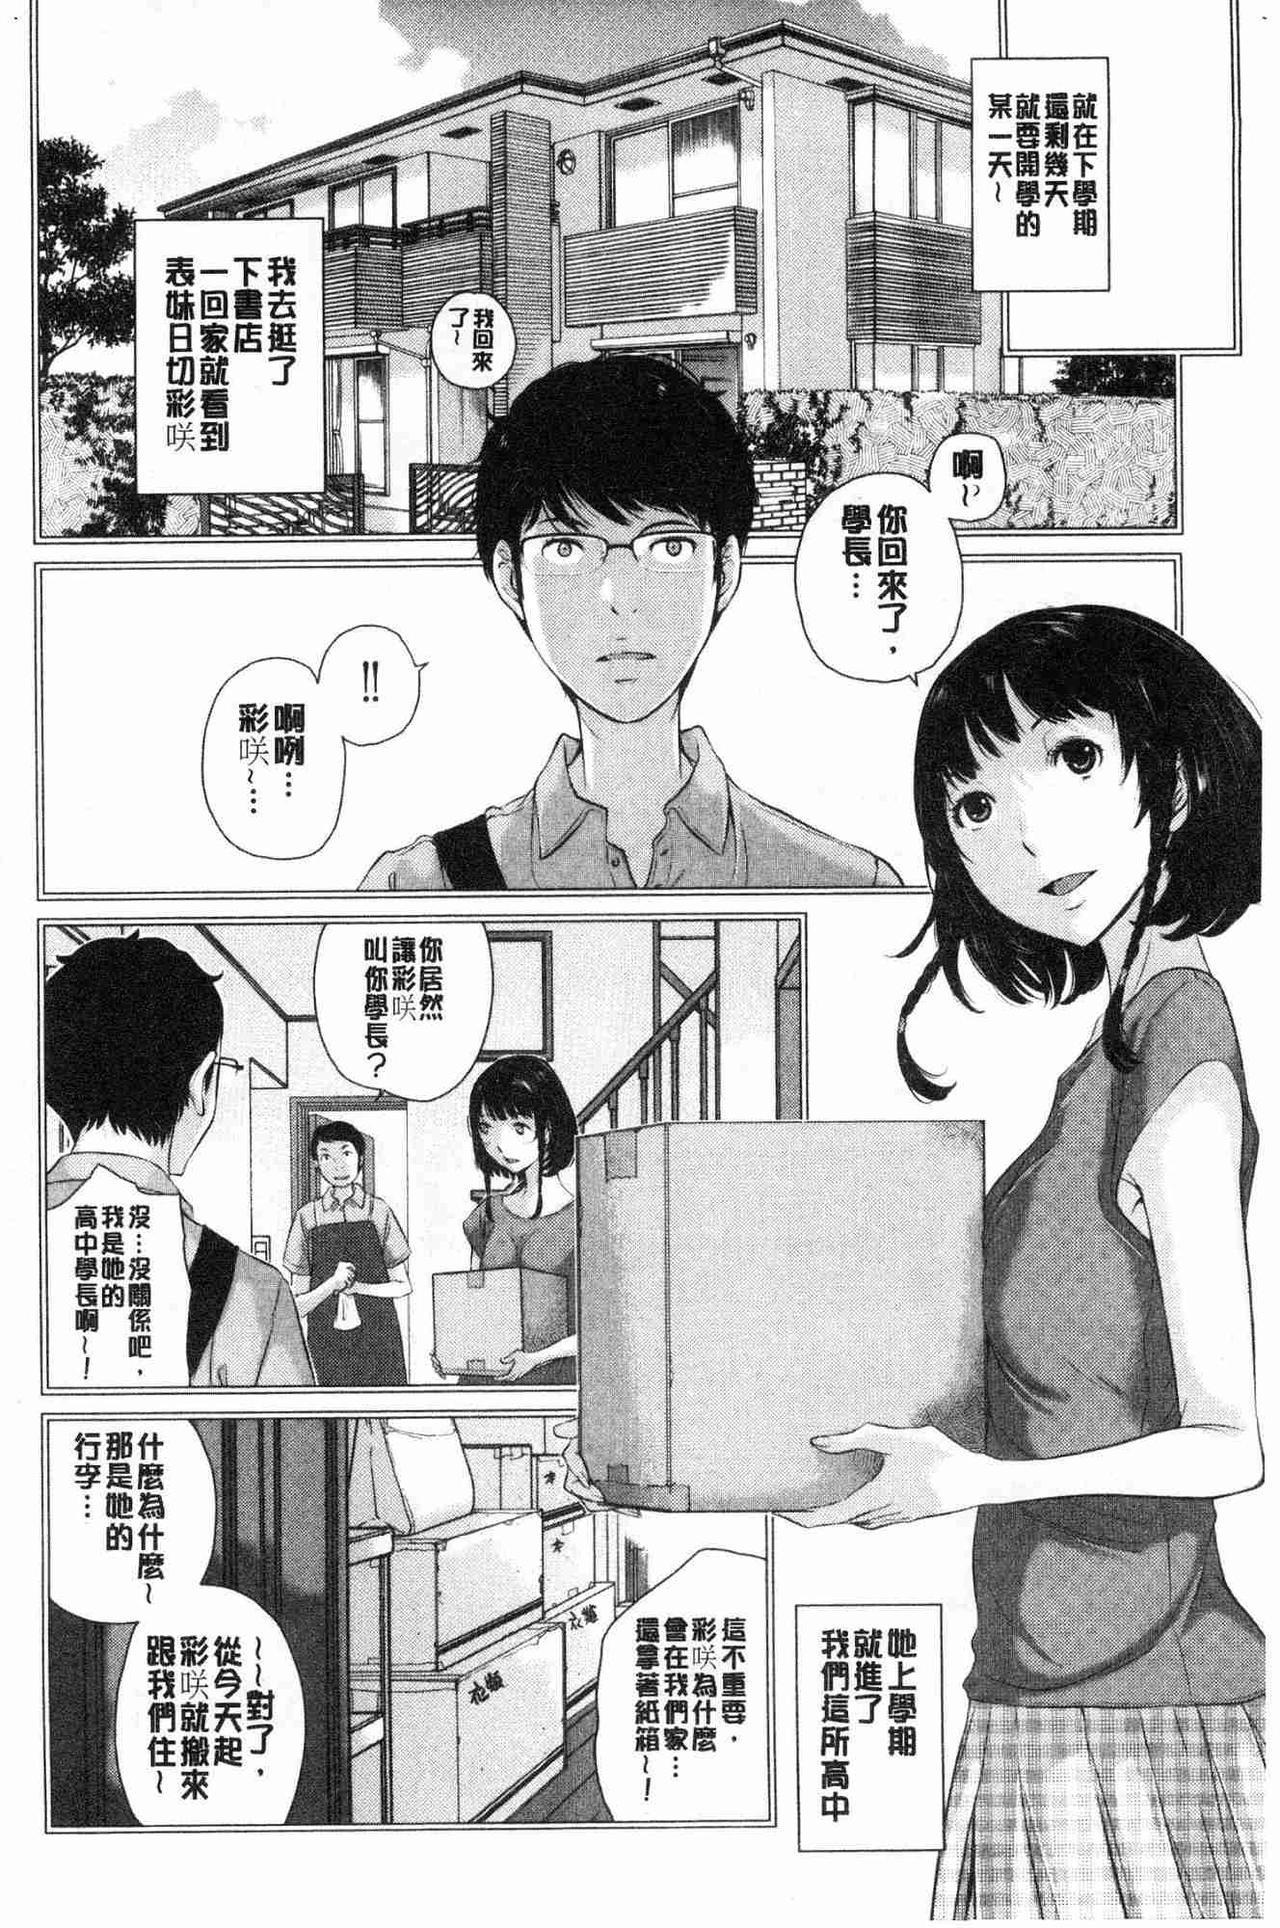 [Harazaki Takuma] Seifuku Shijou Shugi -Natsu- - Uniforms supremacy [Chinese] 8